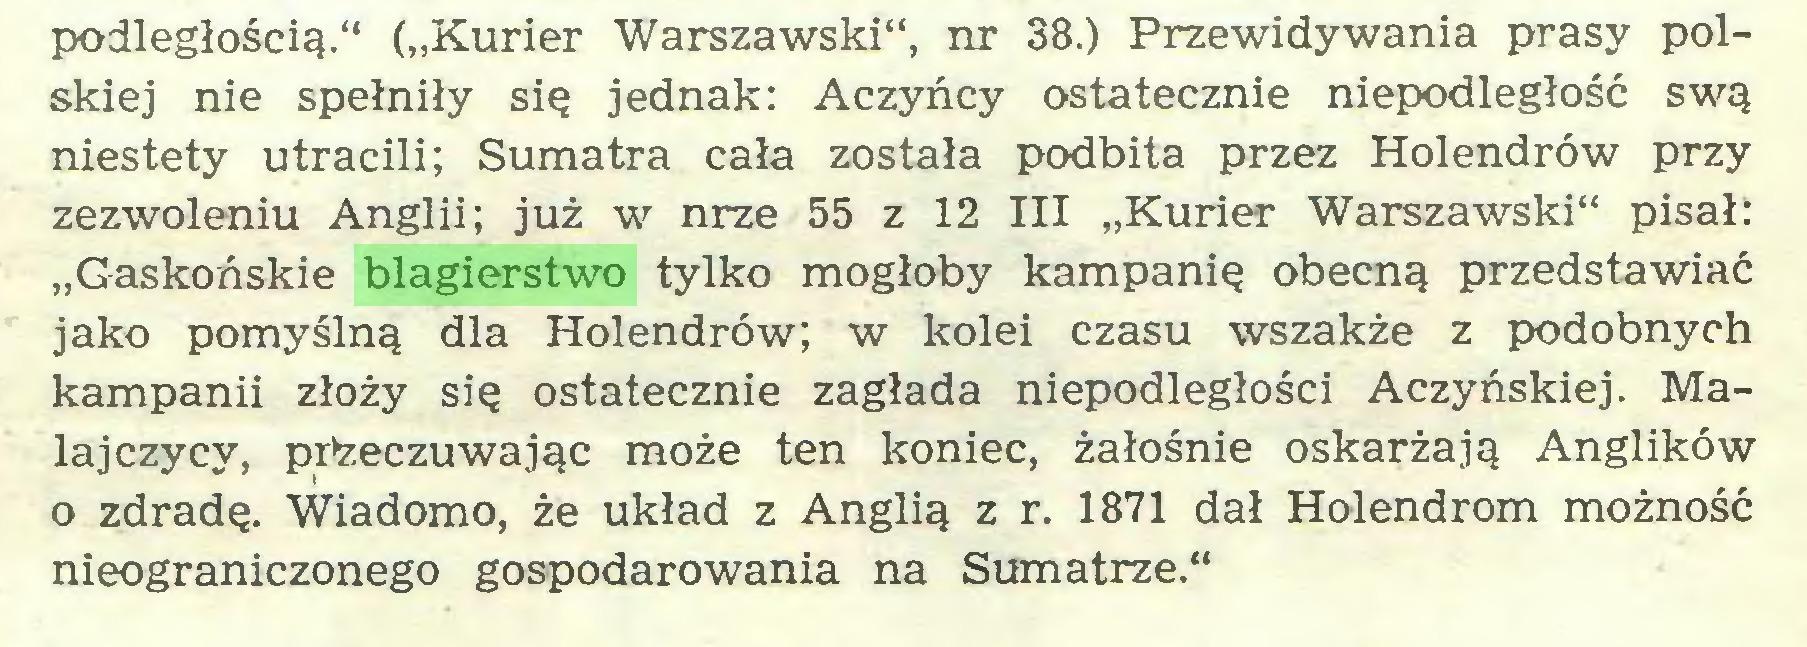 """(...) podległością."""" (""""Kurier Warszawski"""", nr 38.) Przewidywania prasy polskiej nie spełniły się jednak: Aczyńcy ostatecznie niepodległość swą niestety utracili; Sumatra cała została podbita przez Holendrów przy zezwoleniu Anglii; już w nrze 55 z 12 III """"Kurier Warszawski"""" pisał: """"Gaskońskie blagierstwo tylko mogłoby kampanię obecną przedstawiać jako pomyślną dla Holendrów; w kolei czasu wszakże z podobnych kampanii złoży się ostatecznie zagłada niepodległości Aczyńskiej. Malajczycy, przeczuwając może ten koniec, żałośnie oskarżają Anglików o zdradę. Wiadomo, że układ z Anglią z r. 1871 dał Holendrom możność nieograniczonego gospodarowania na Sumatrze.""""..."""